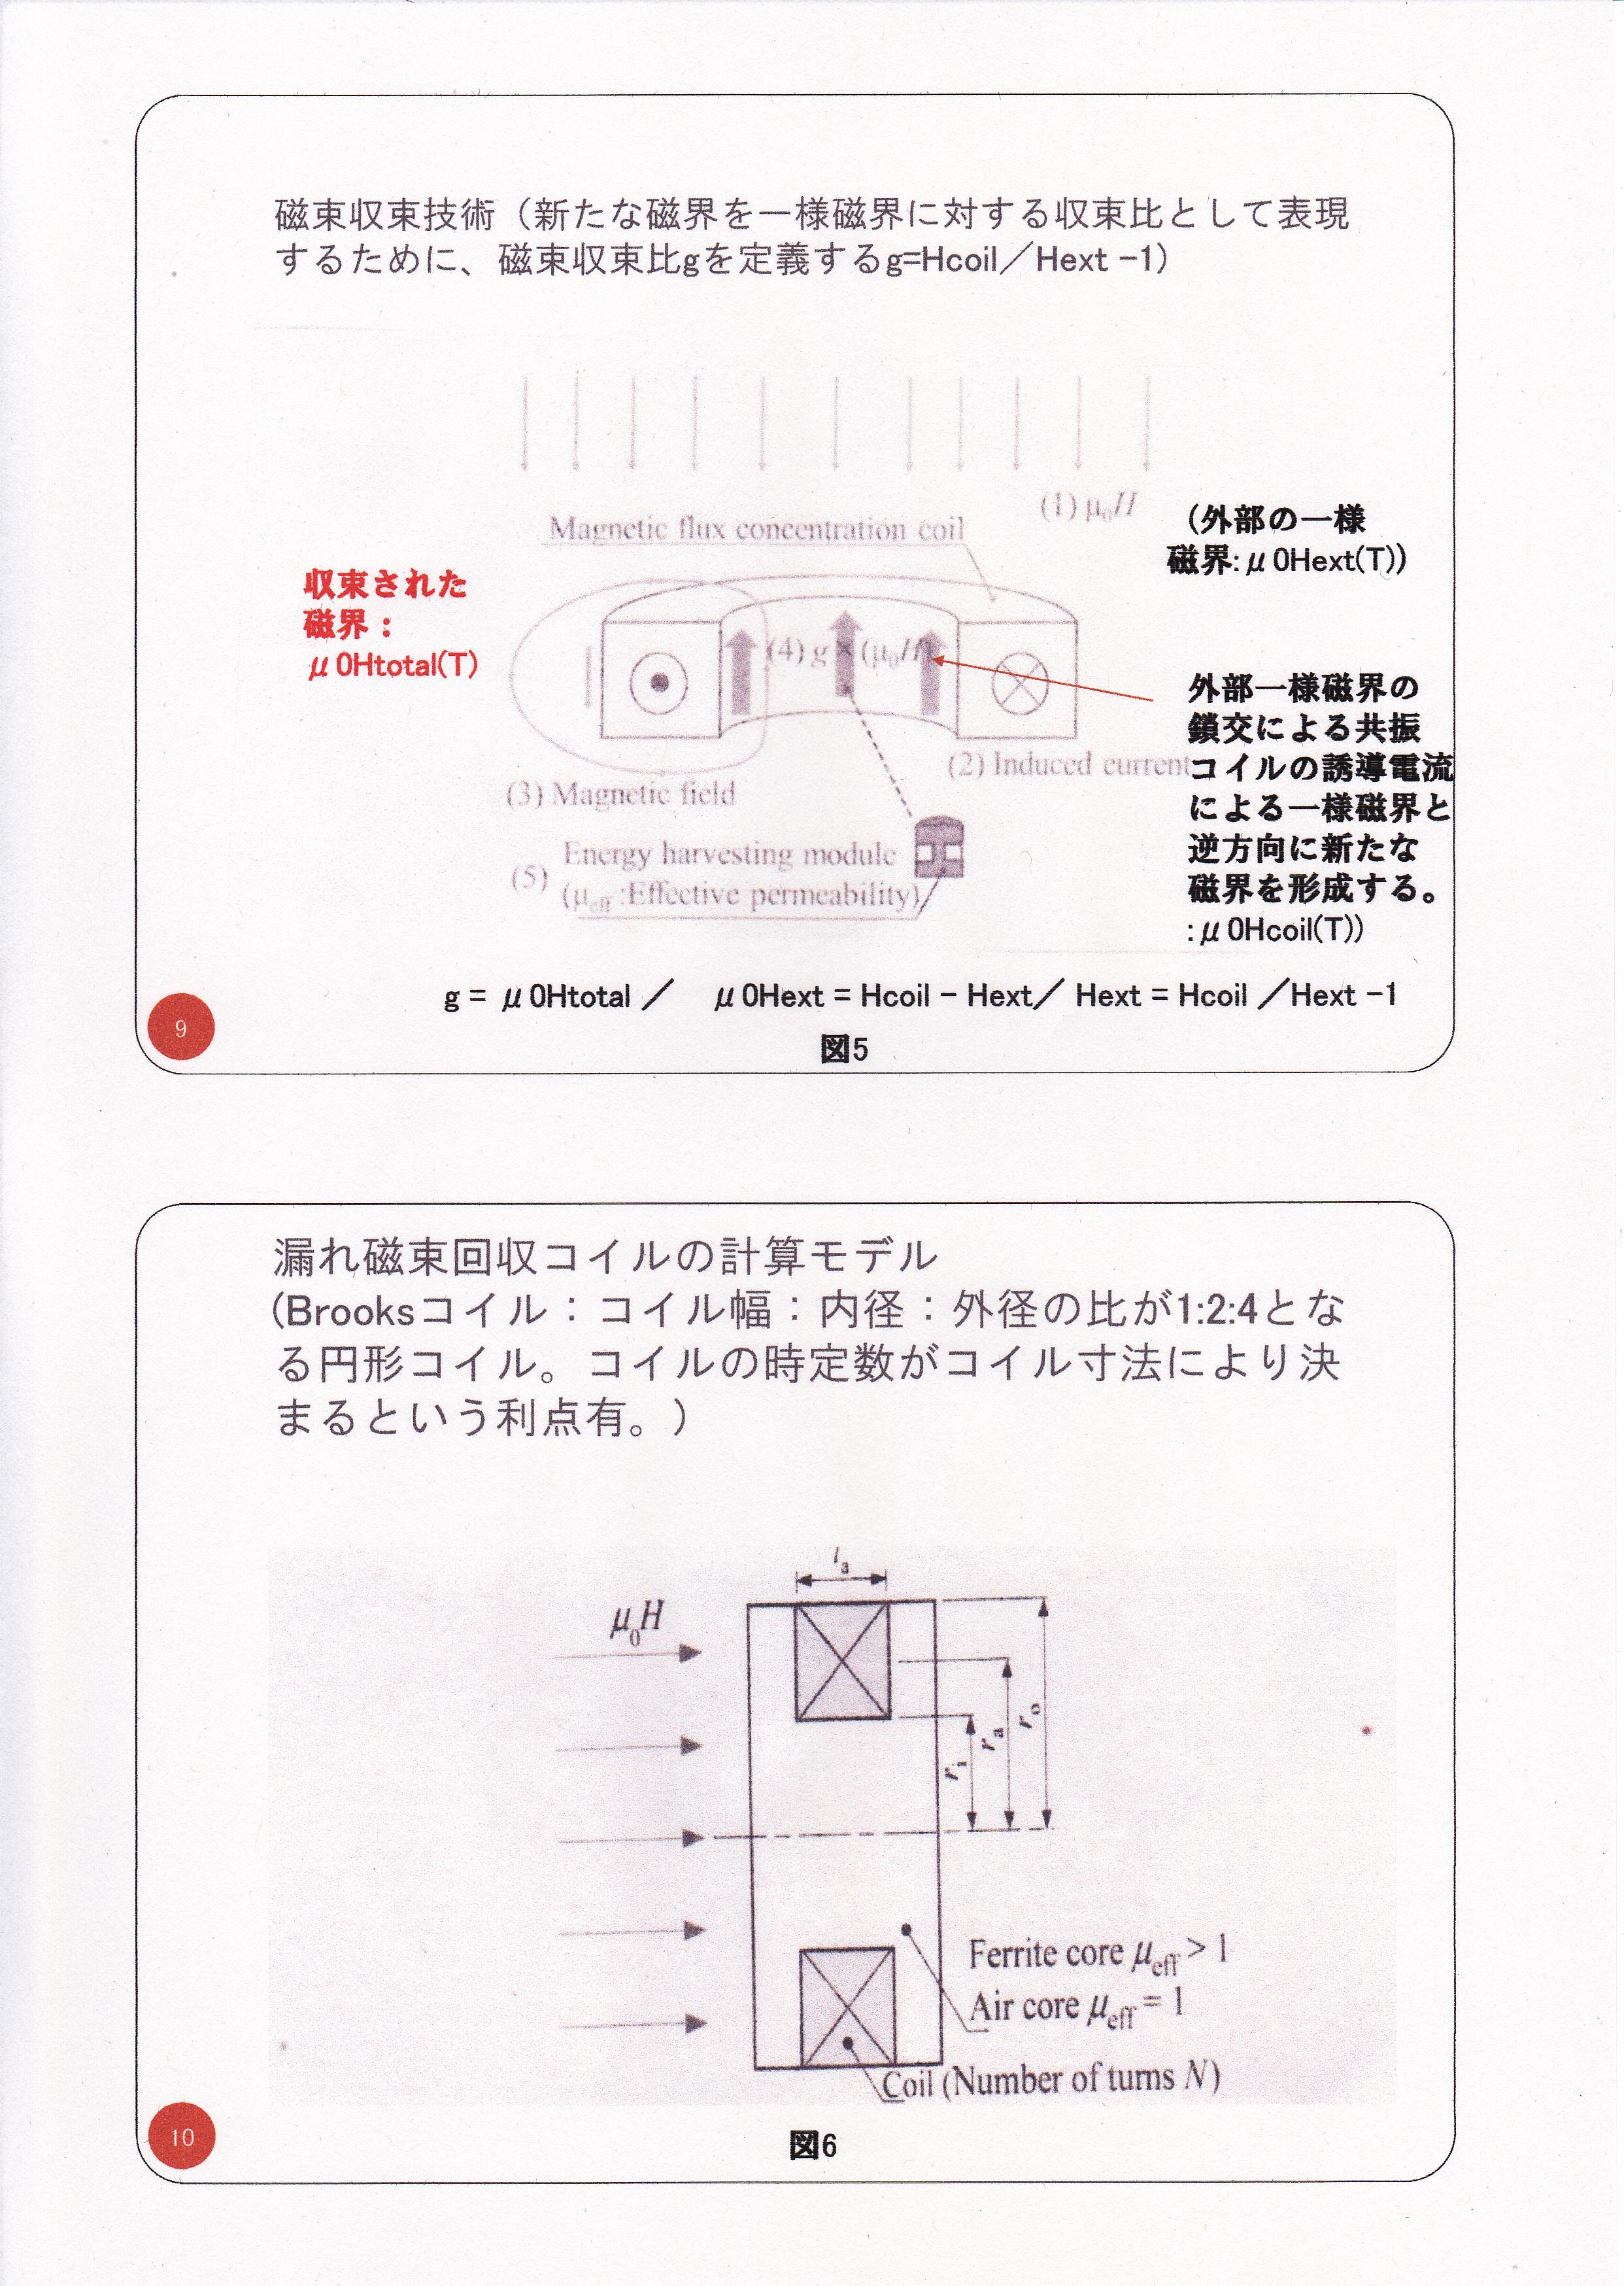 静止型発電機の基礎研究02(漏れ磁束コンバーター)5